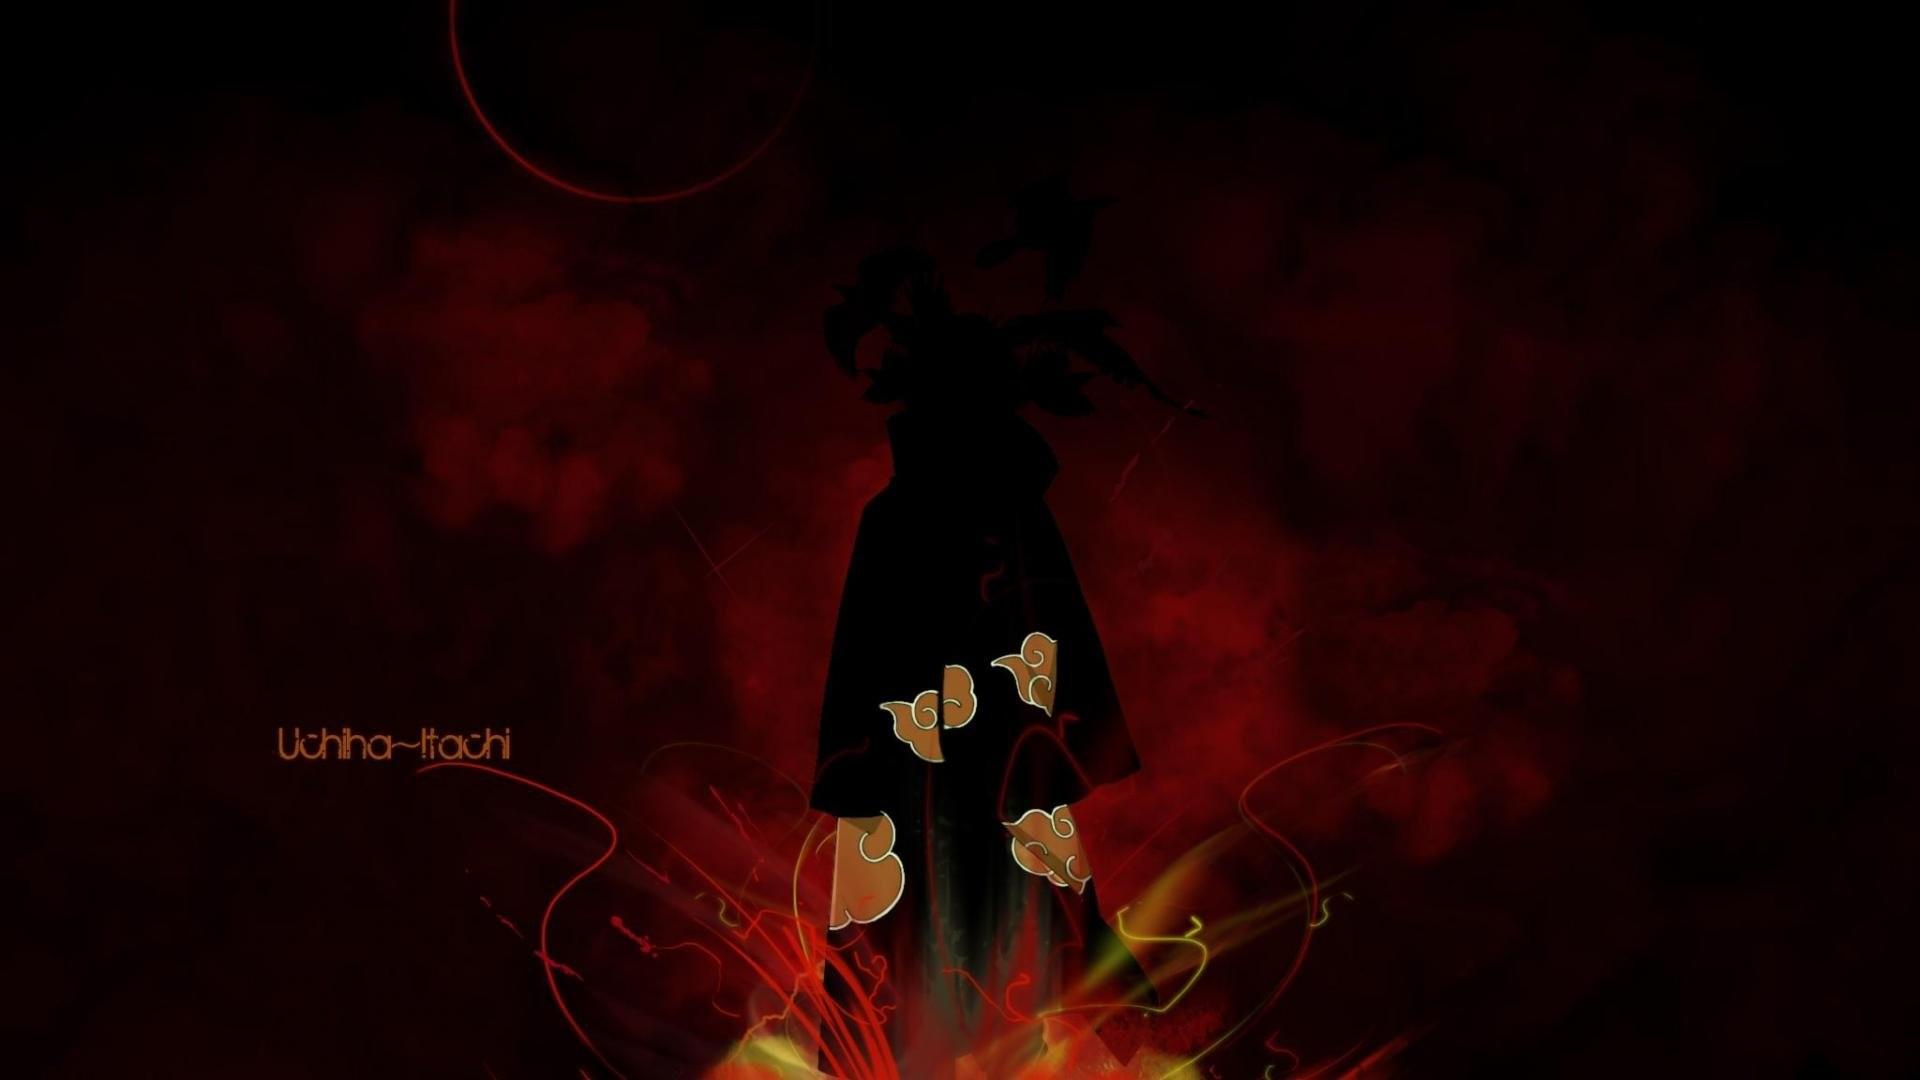 1920x1080 Preview Wallpaper Naruto Uchiha Madara Sharingan Man Mask